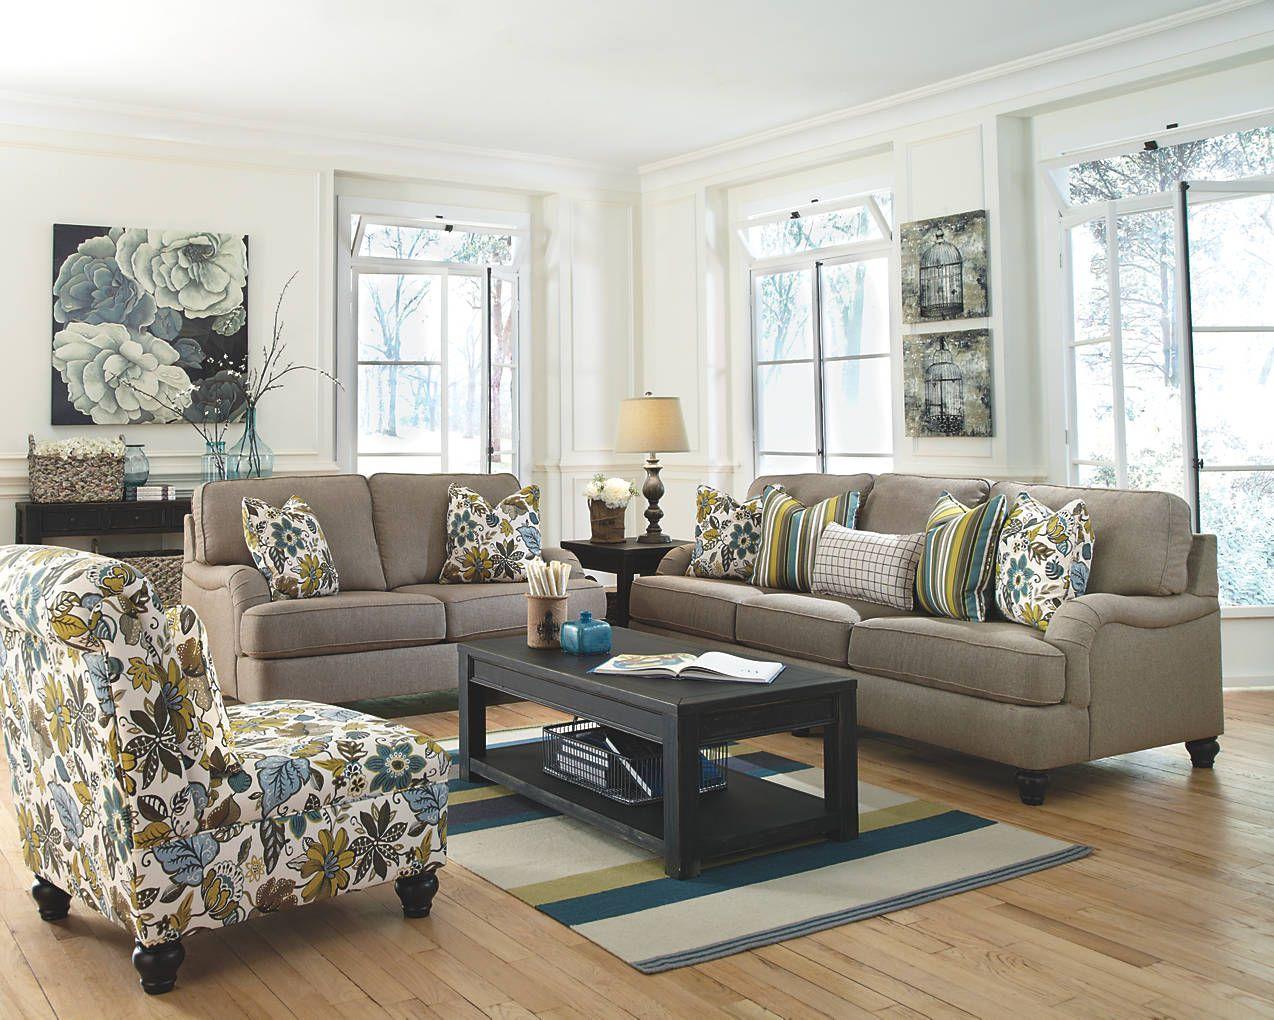 Ashleyfurniture 25500 38 35 46 T732 Living Room Sofa Living Room Sets Furniture